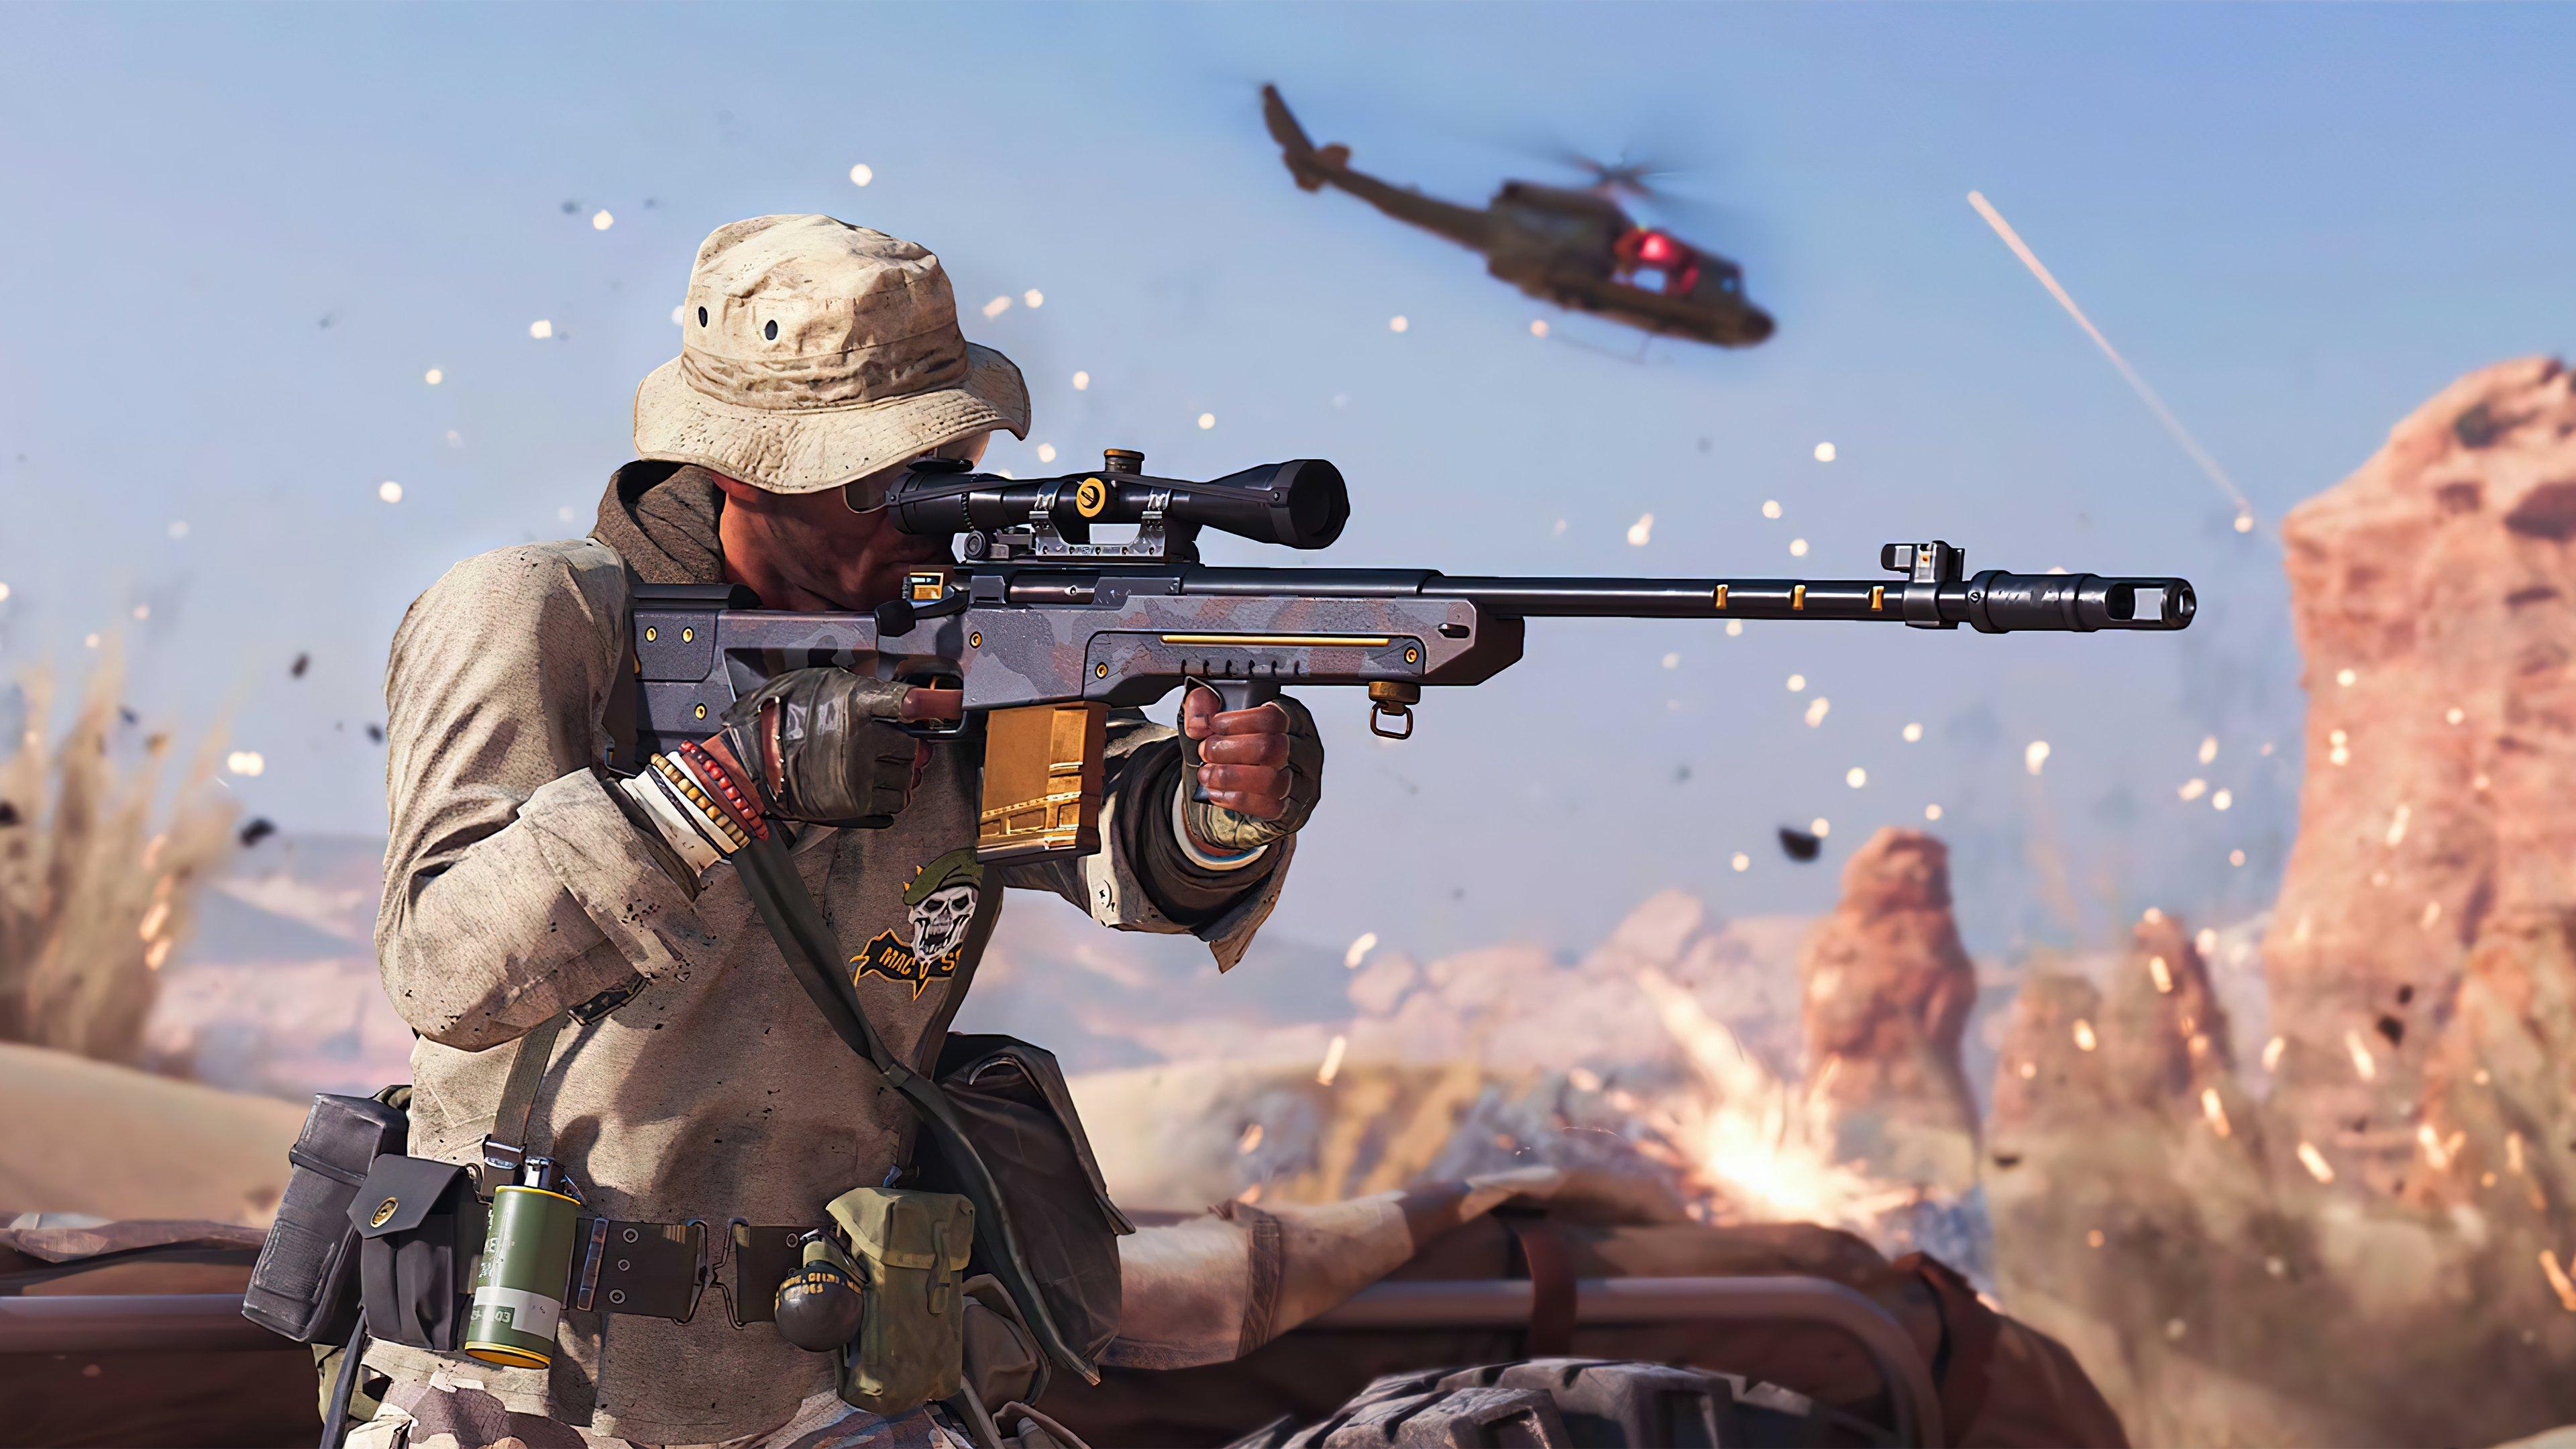 Fondos de pantalla Call of Duty Black Ops Cold War Sniper